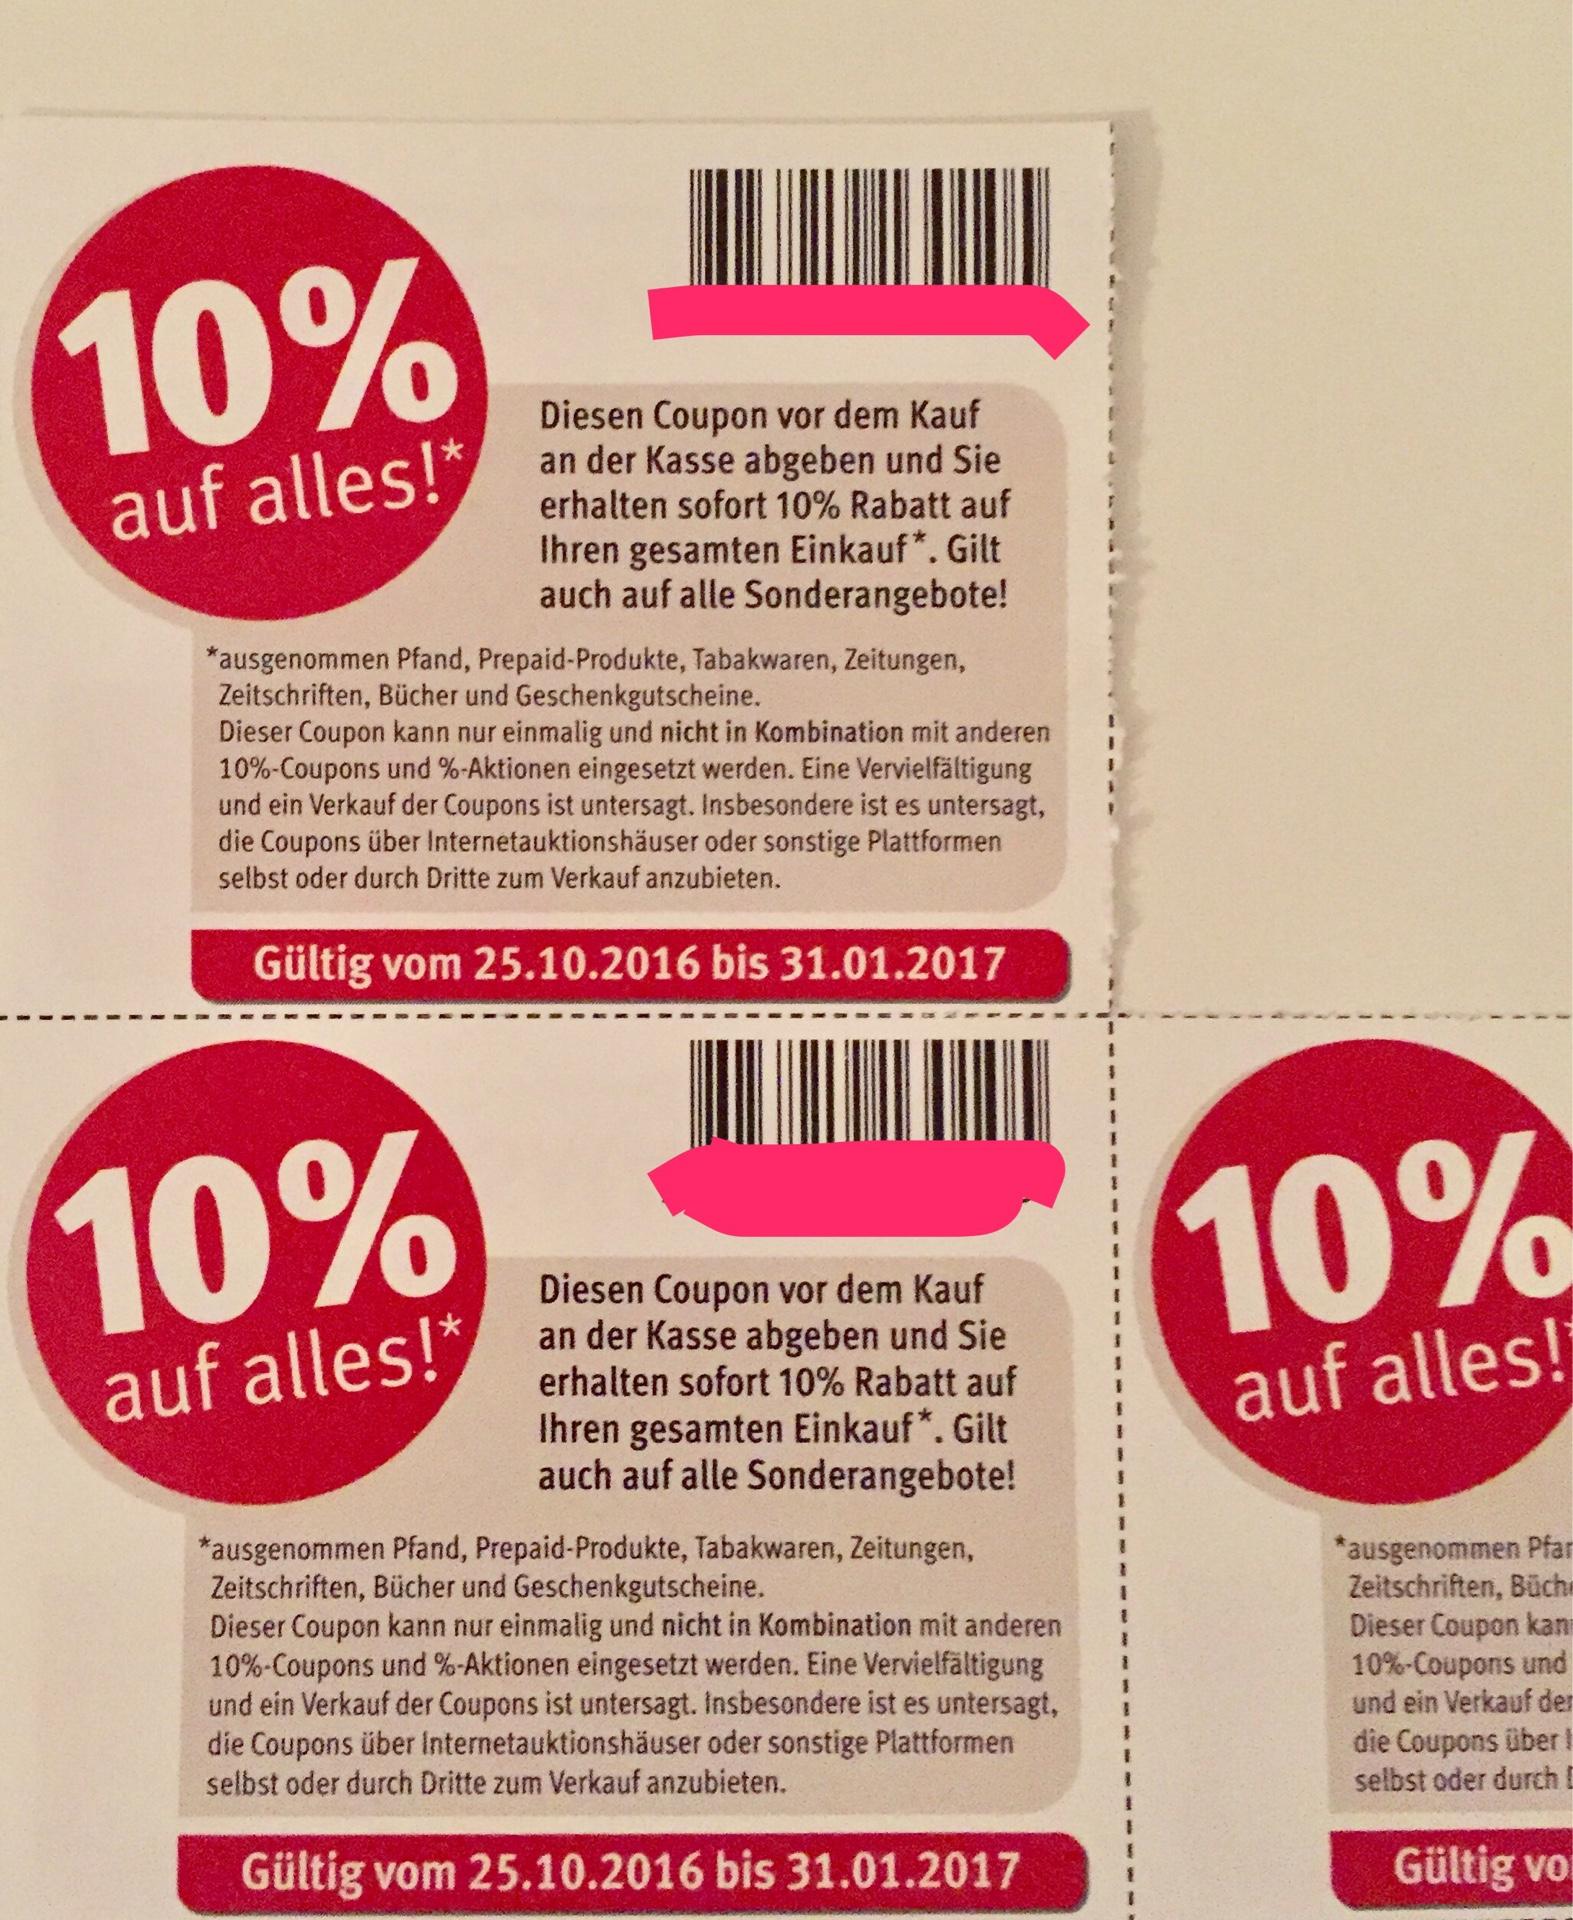 Беременность в Германии и скидки